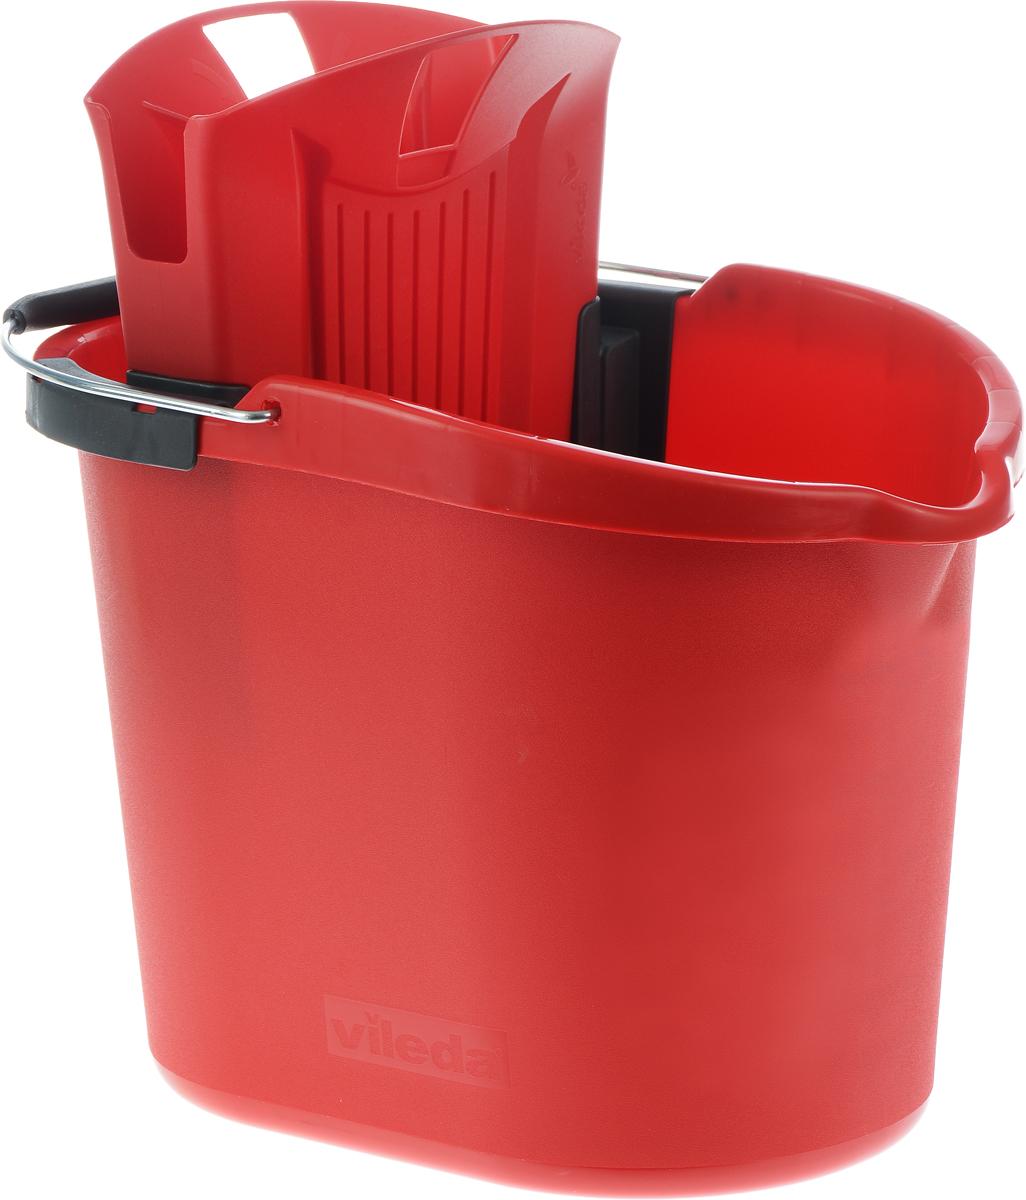 Ведро Vileda Ultramat, с отжимом, цвет: красный, 12 л10917_красныйОвальное ведро Vileda Ultramat изготовлено из крепкого, утолщенного пластика и имеет современный дизайн. Ведро снабжено специальной насадкой с технологией Power Press, которая обеспечивает интенсивный отжим швабр Vileda Ultramat. Это значительно уменьшает физические нагрузки при мытье полов. Насадка надежно крепится на ведро и также легко снимается, позволяя хранить ее отдельно. На внутренней стороне ведра имеется мерная шкала. Для удобного использования ведро имеет металлическую ручку с пластиковой вставкой. Размер ведра: 37 х 27 х 27 см.